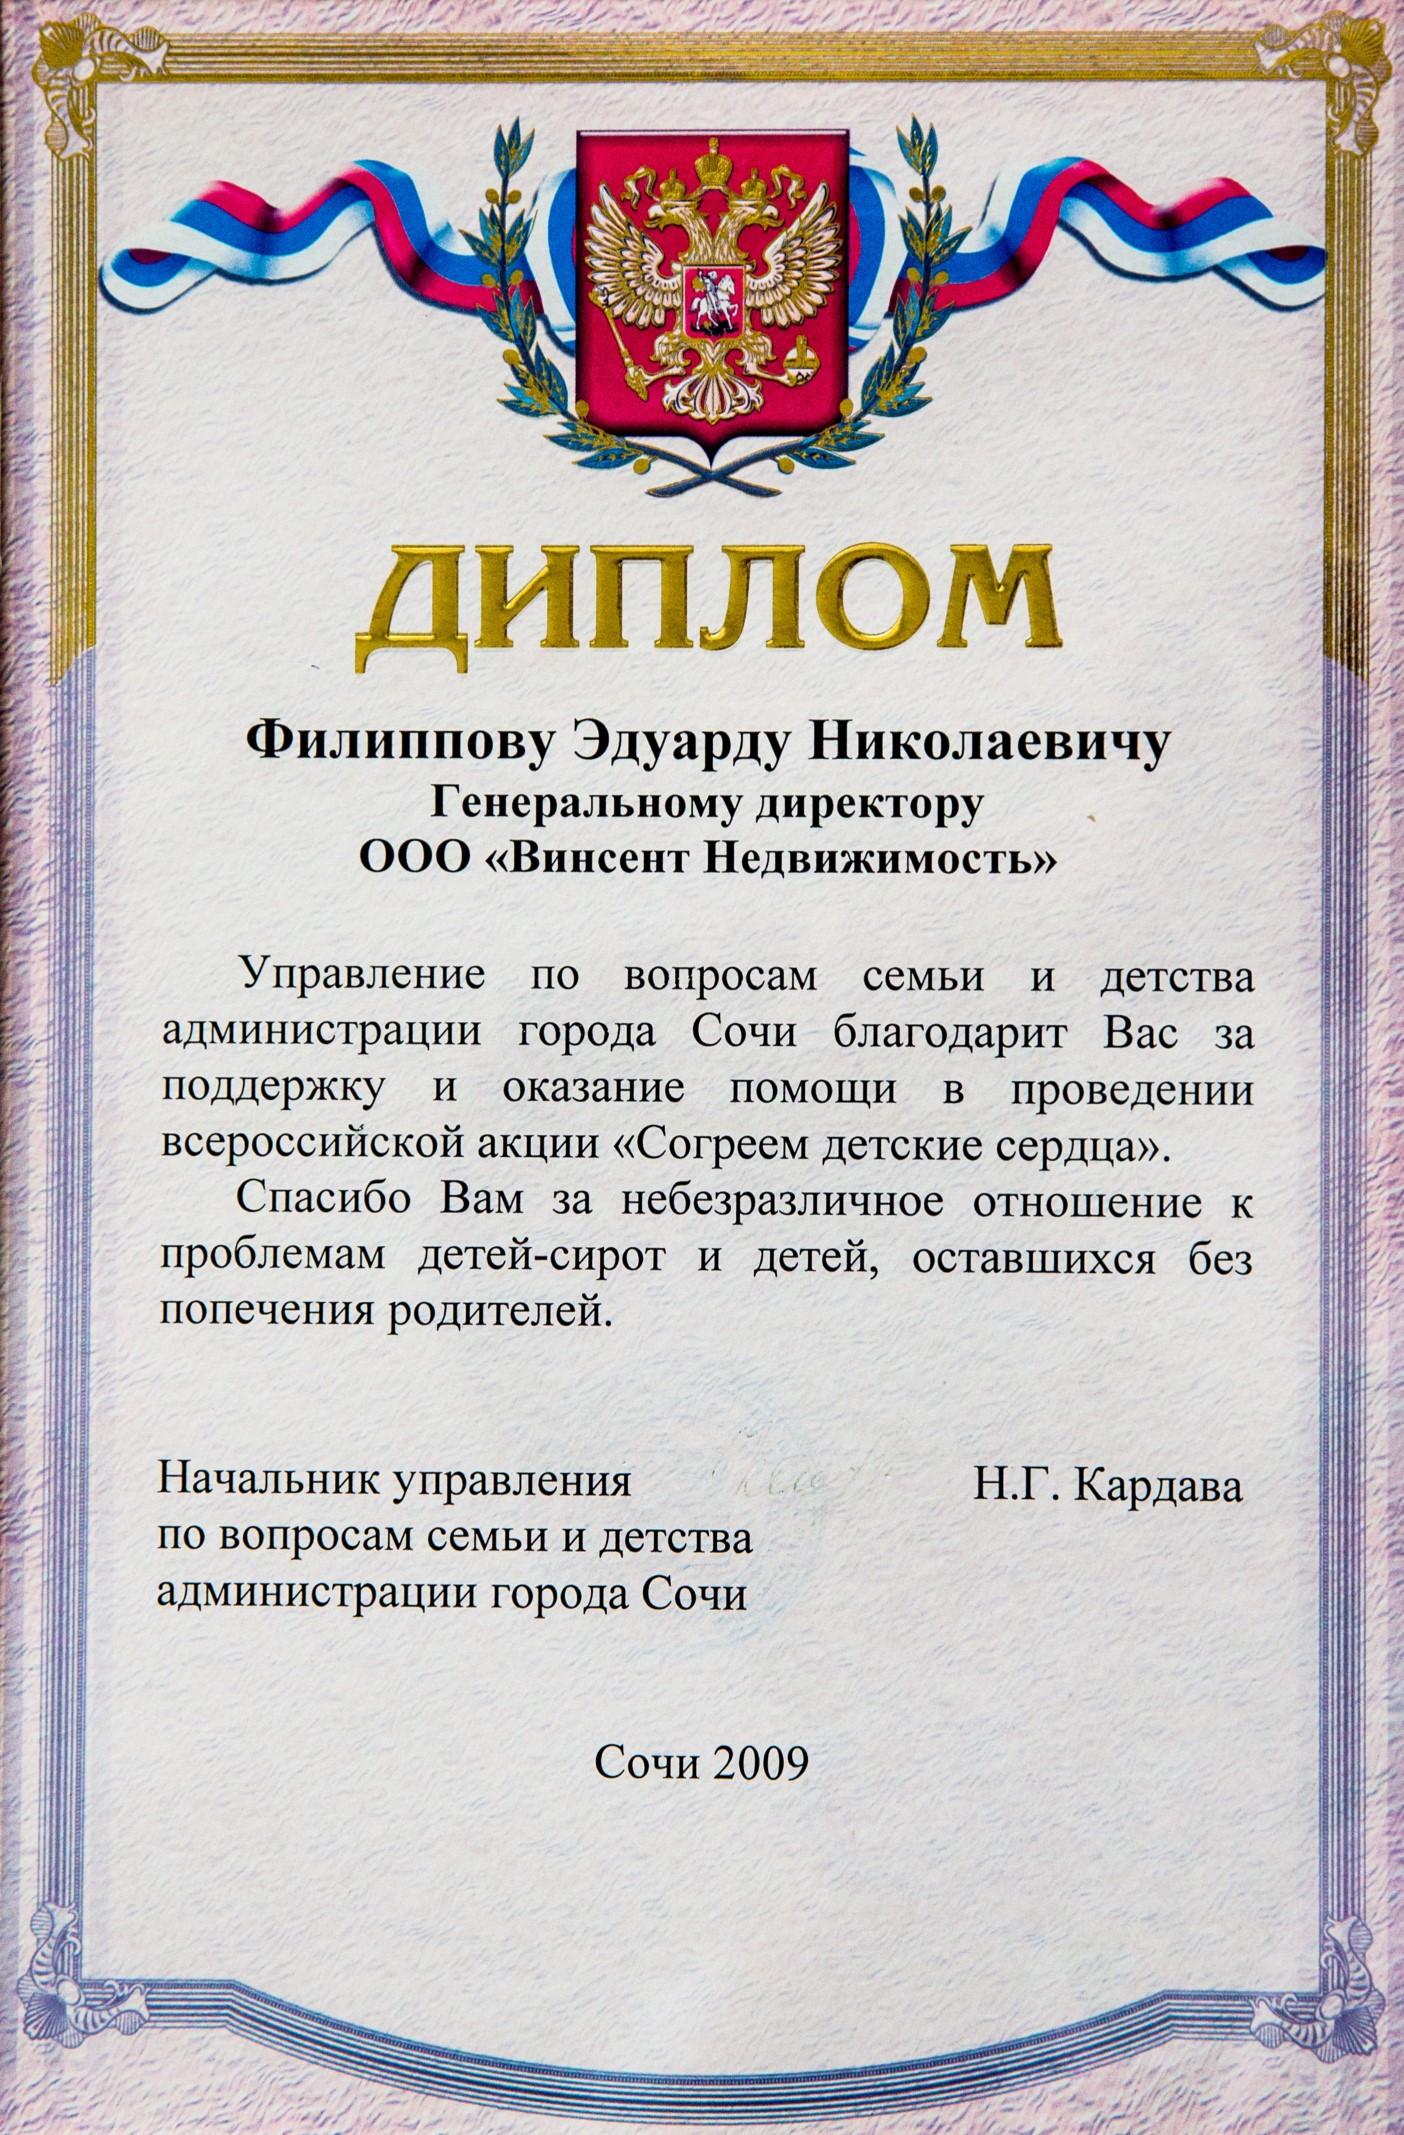 Наши сертификаты и лицензии Диплом от управления по вопросам семьи и детства Администрации города Сочи за поддержку и оказание помощи в проведении всероссийской акции Согреем детские